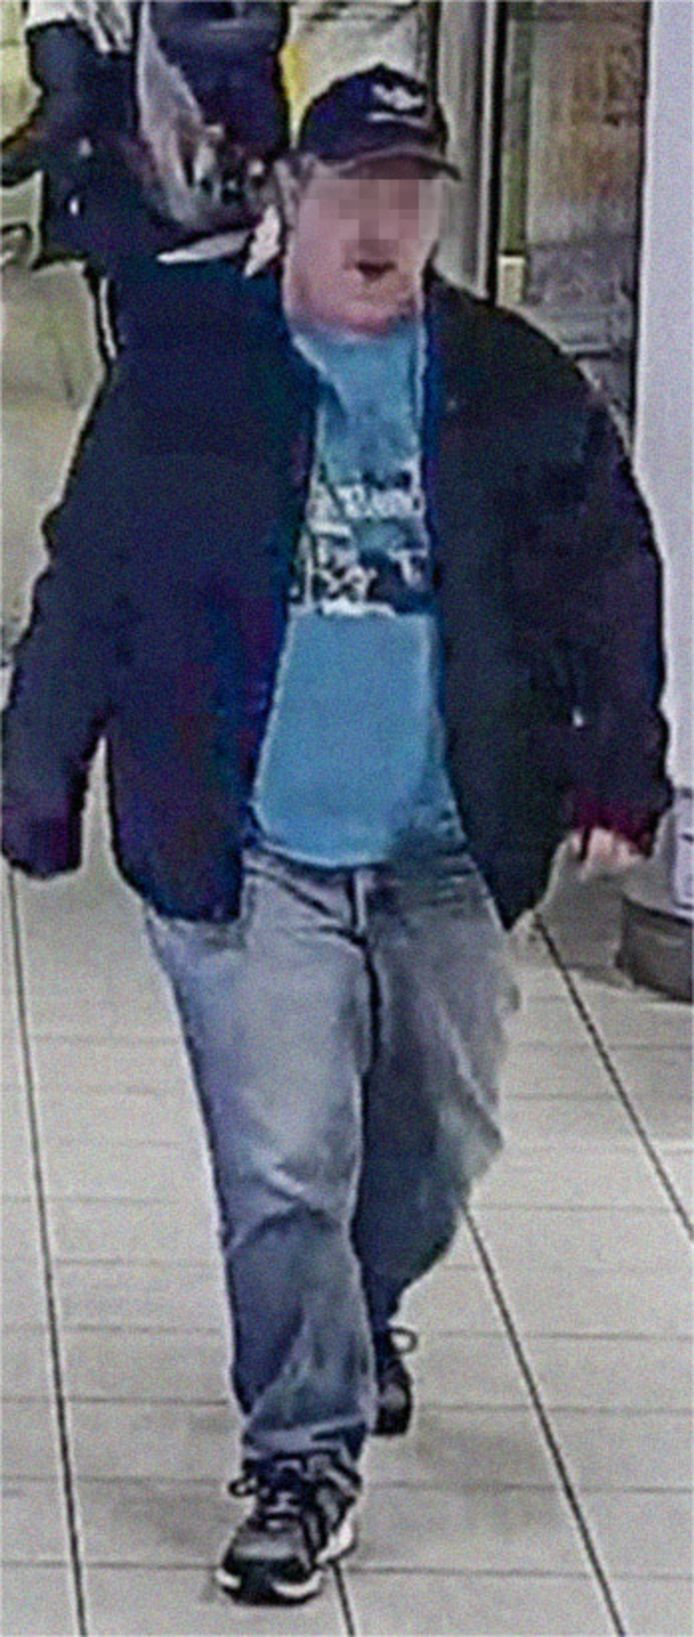 De verdachte man kwam waarschijnlijk zeer recent aan op Schiphol, blijkt uit camerabeelden.